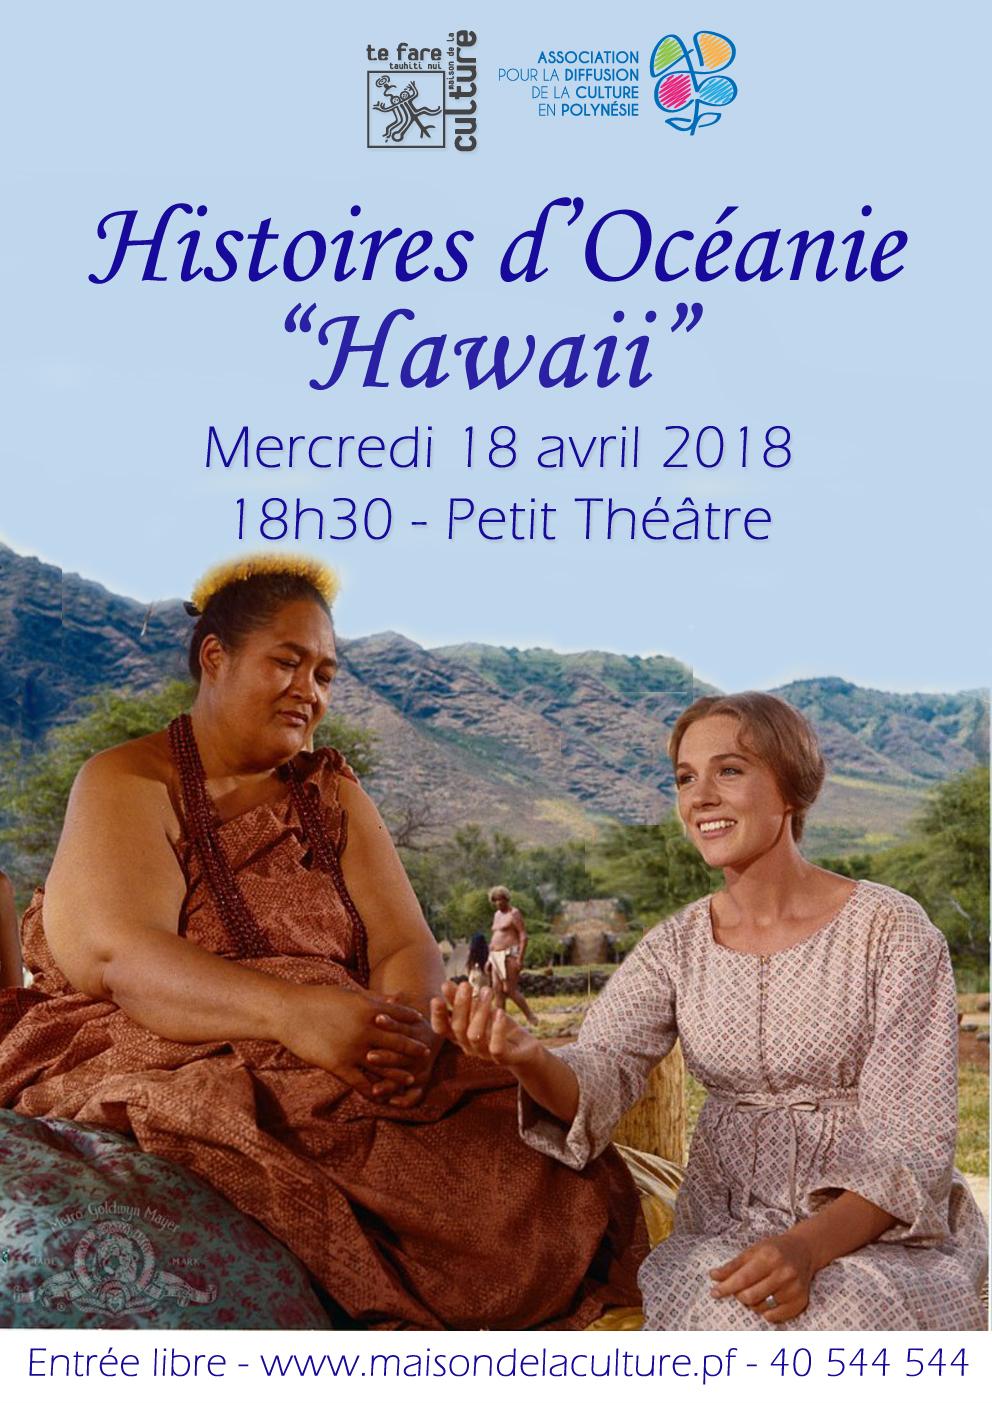 Histoires d'oceanie Hawaii V2